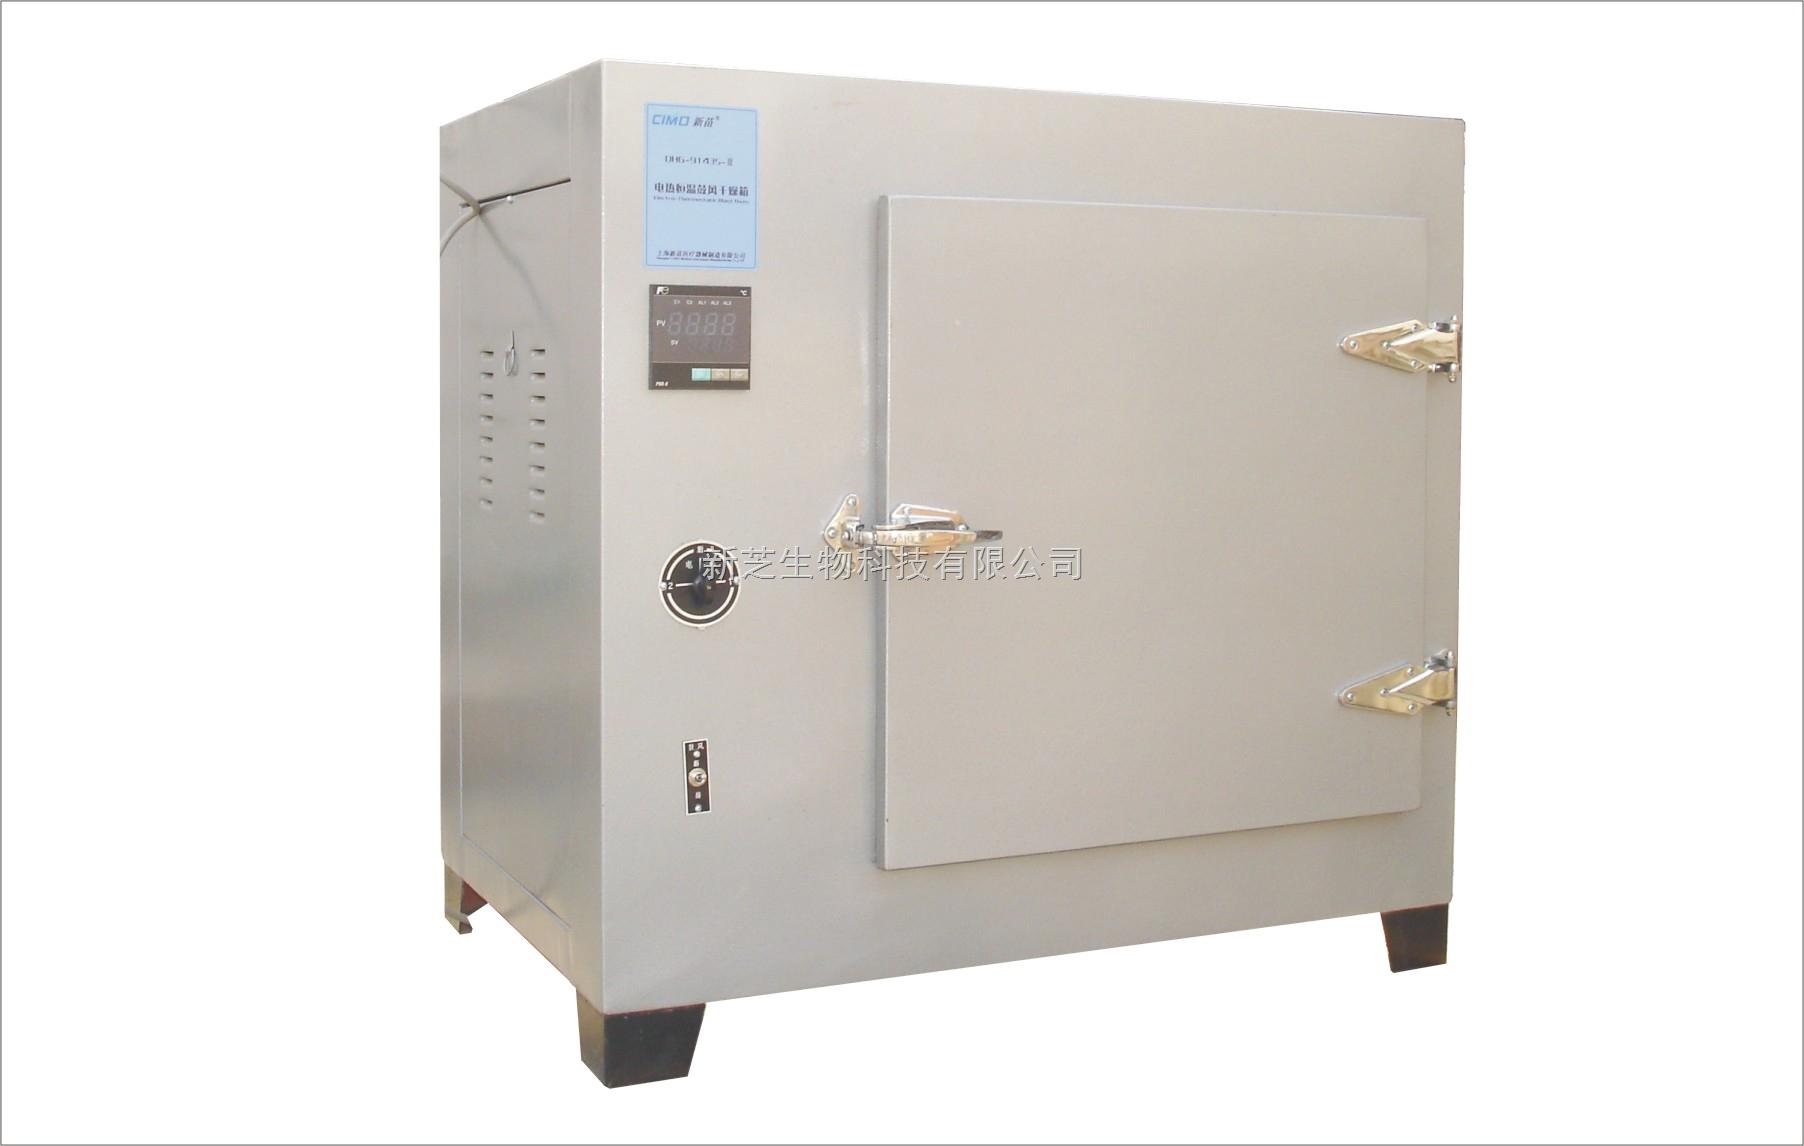 供应上海新苗产品DHG-9143BS-Ⅲ电热恒温鼓风干燥箱(500度)